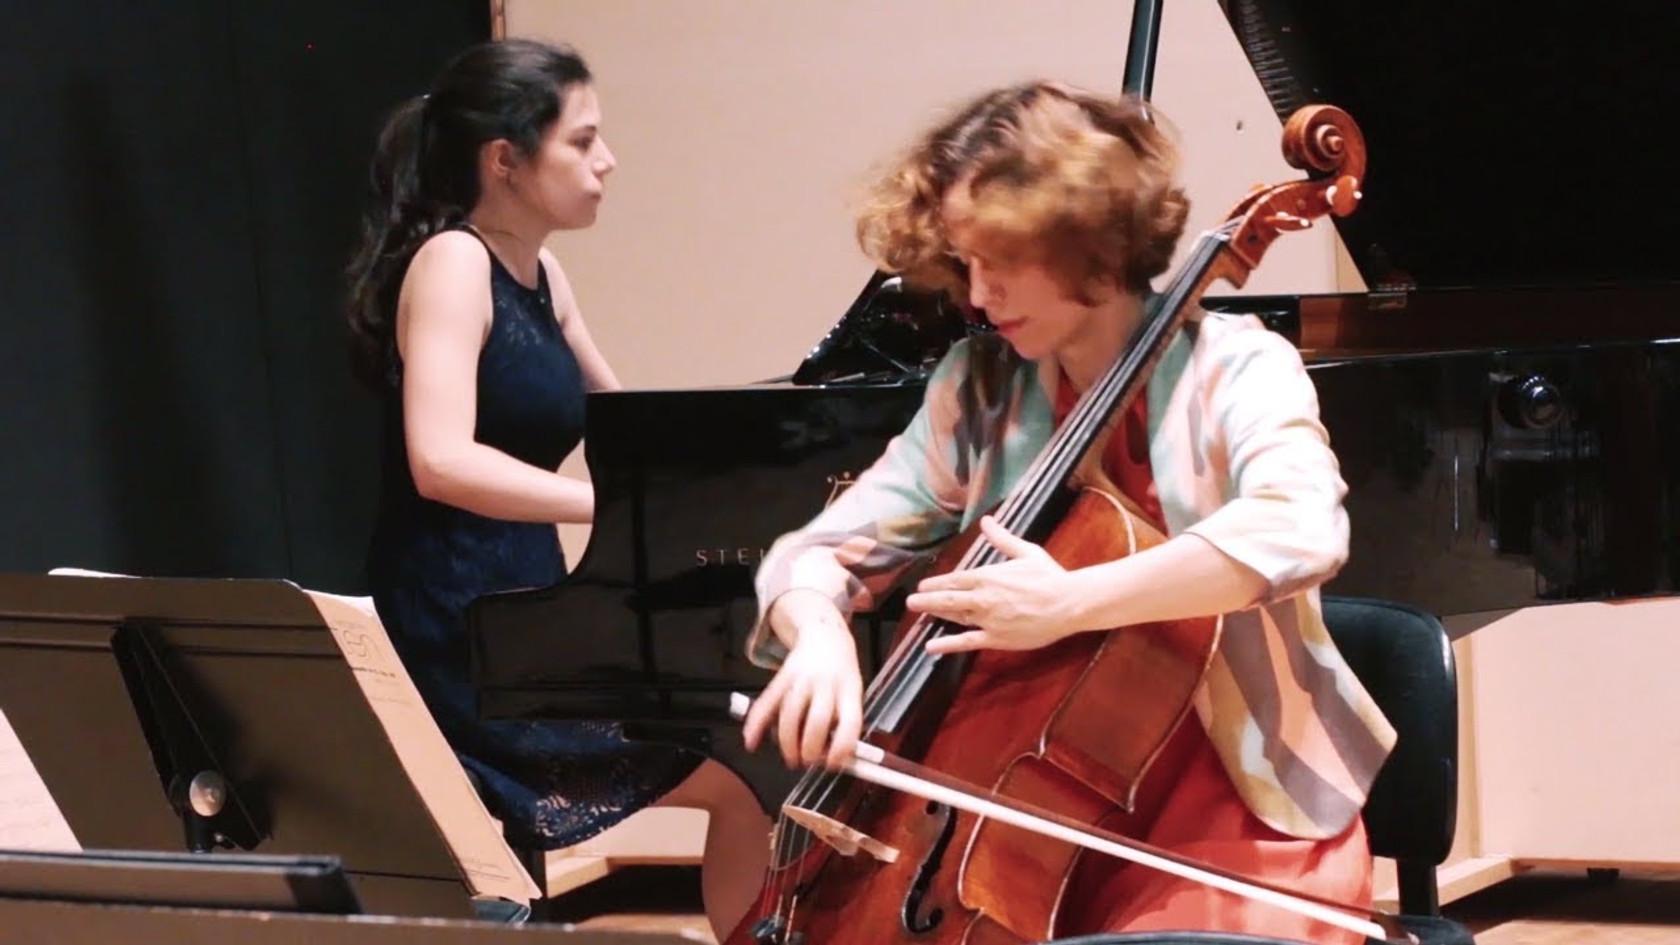 B. Britten - Sonata, Op. 65 - Duo Neria (Natacha Colmez-Collard, violoncelle - Camille Belin, piano)